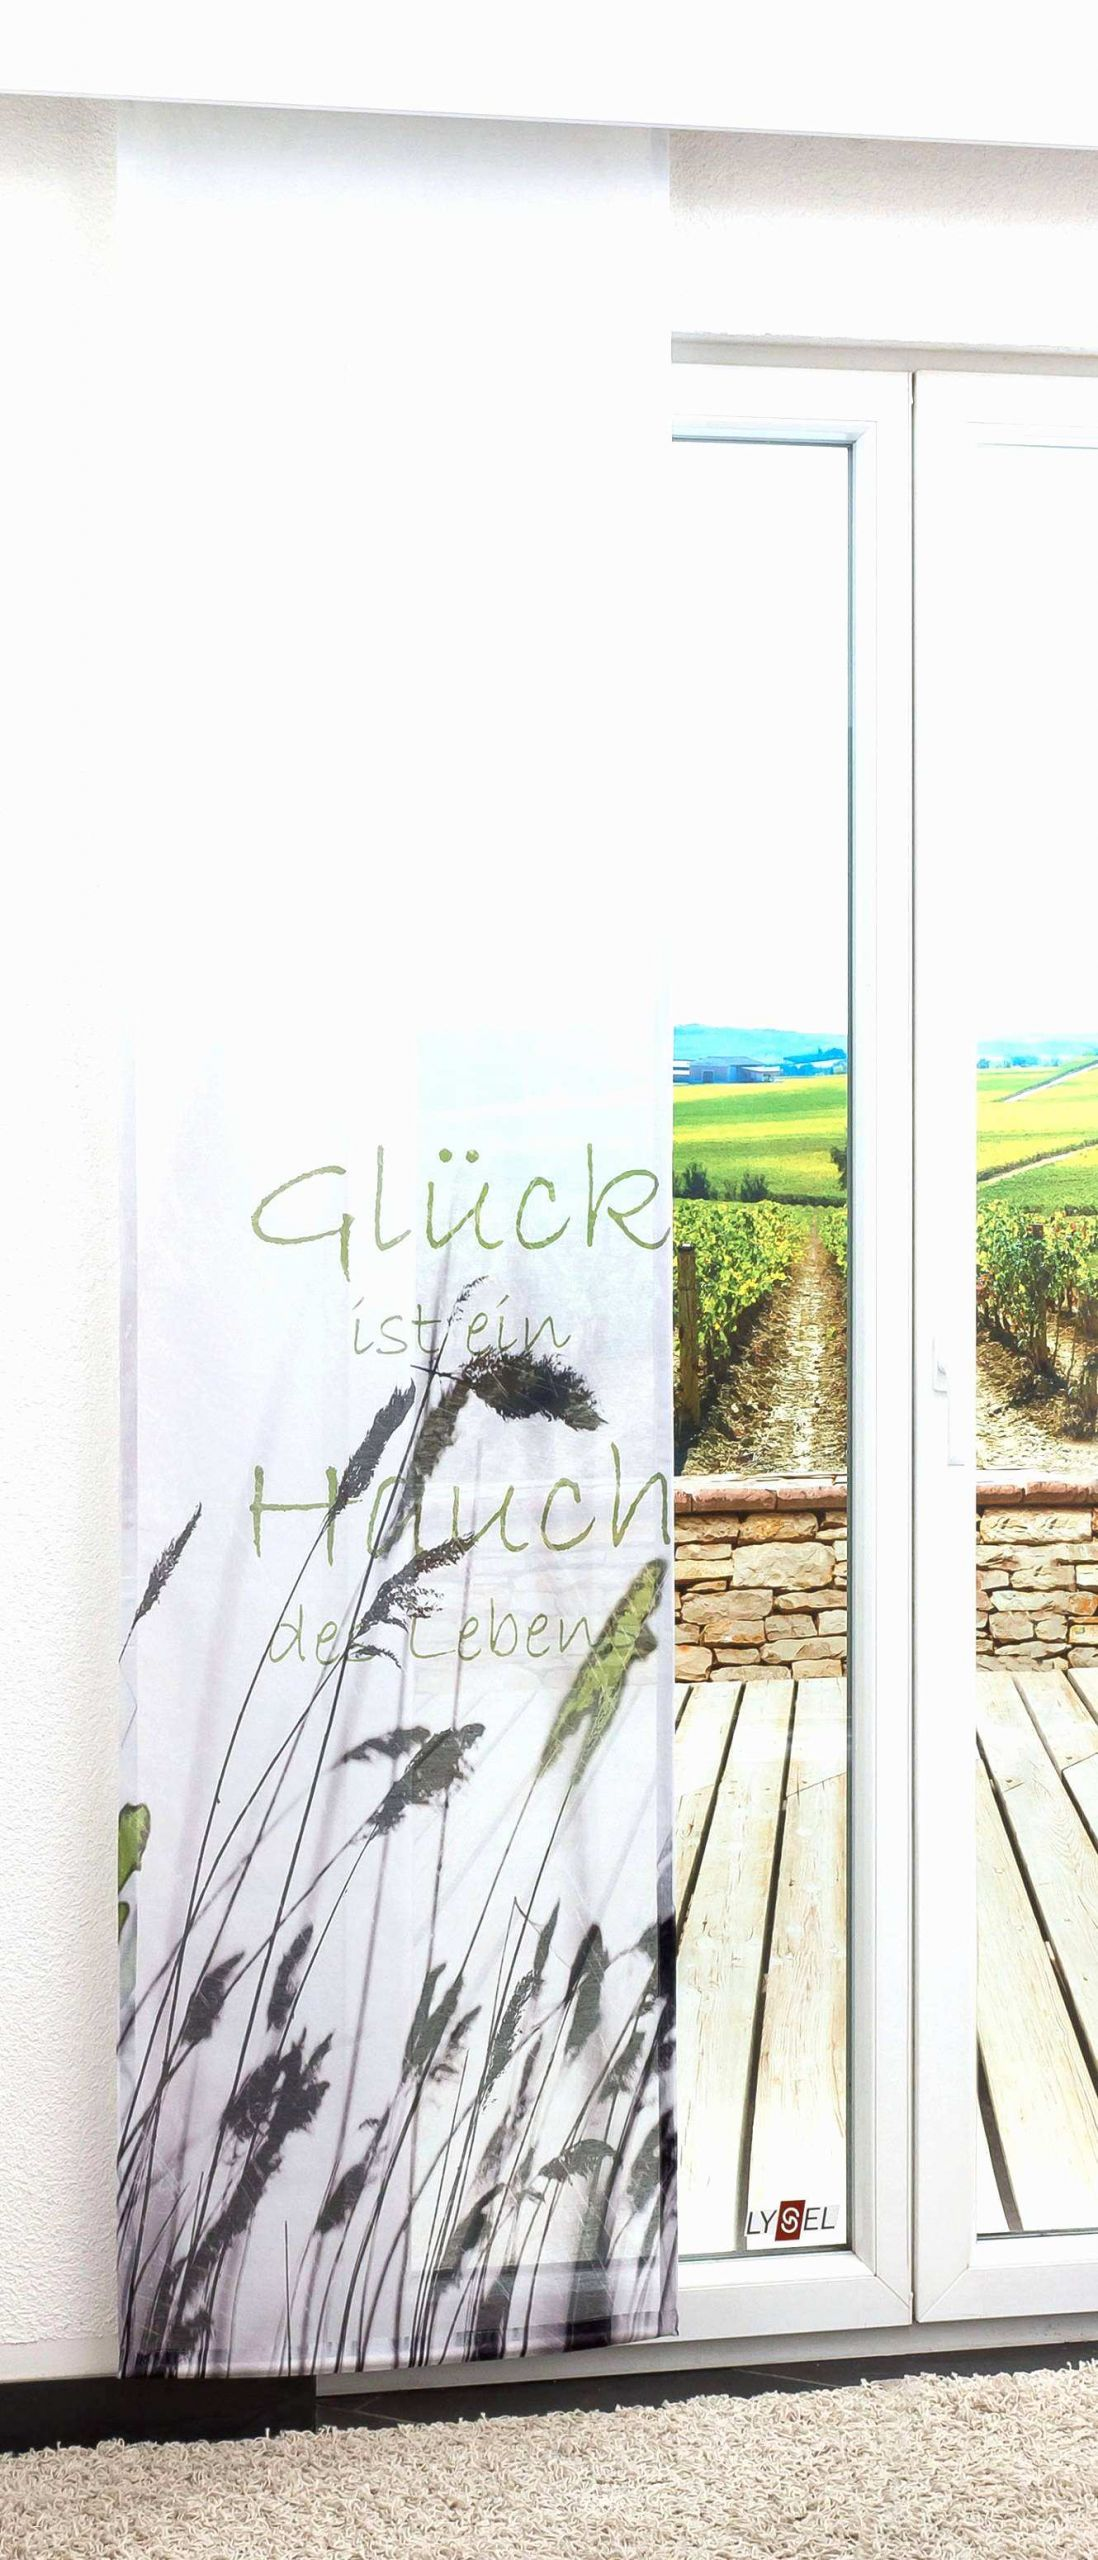 Deko Ideen Selber Machen Garten Einzigartig Holz Deko Ideen Genial 30 Inspirierend Garten Deko Ideen Das